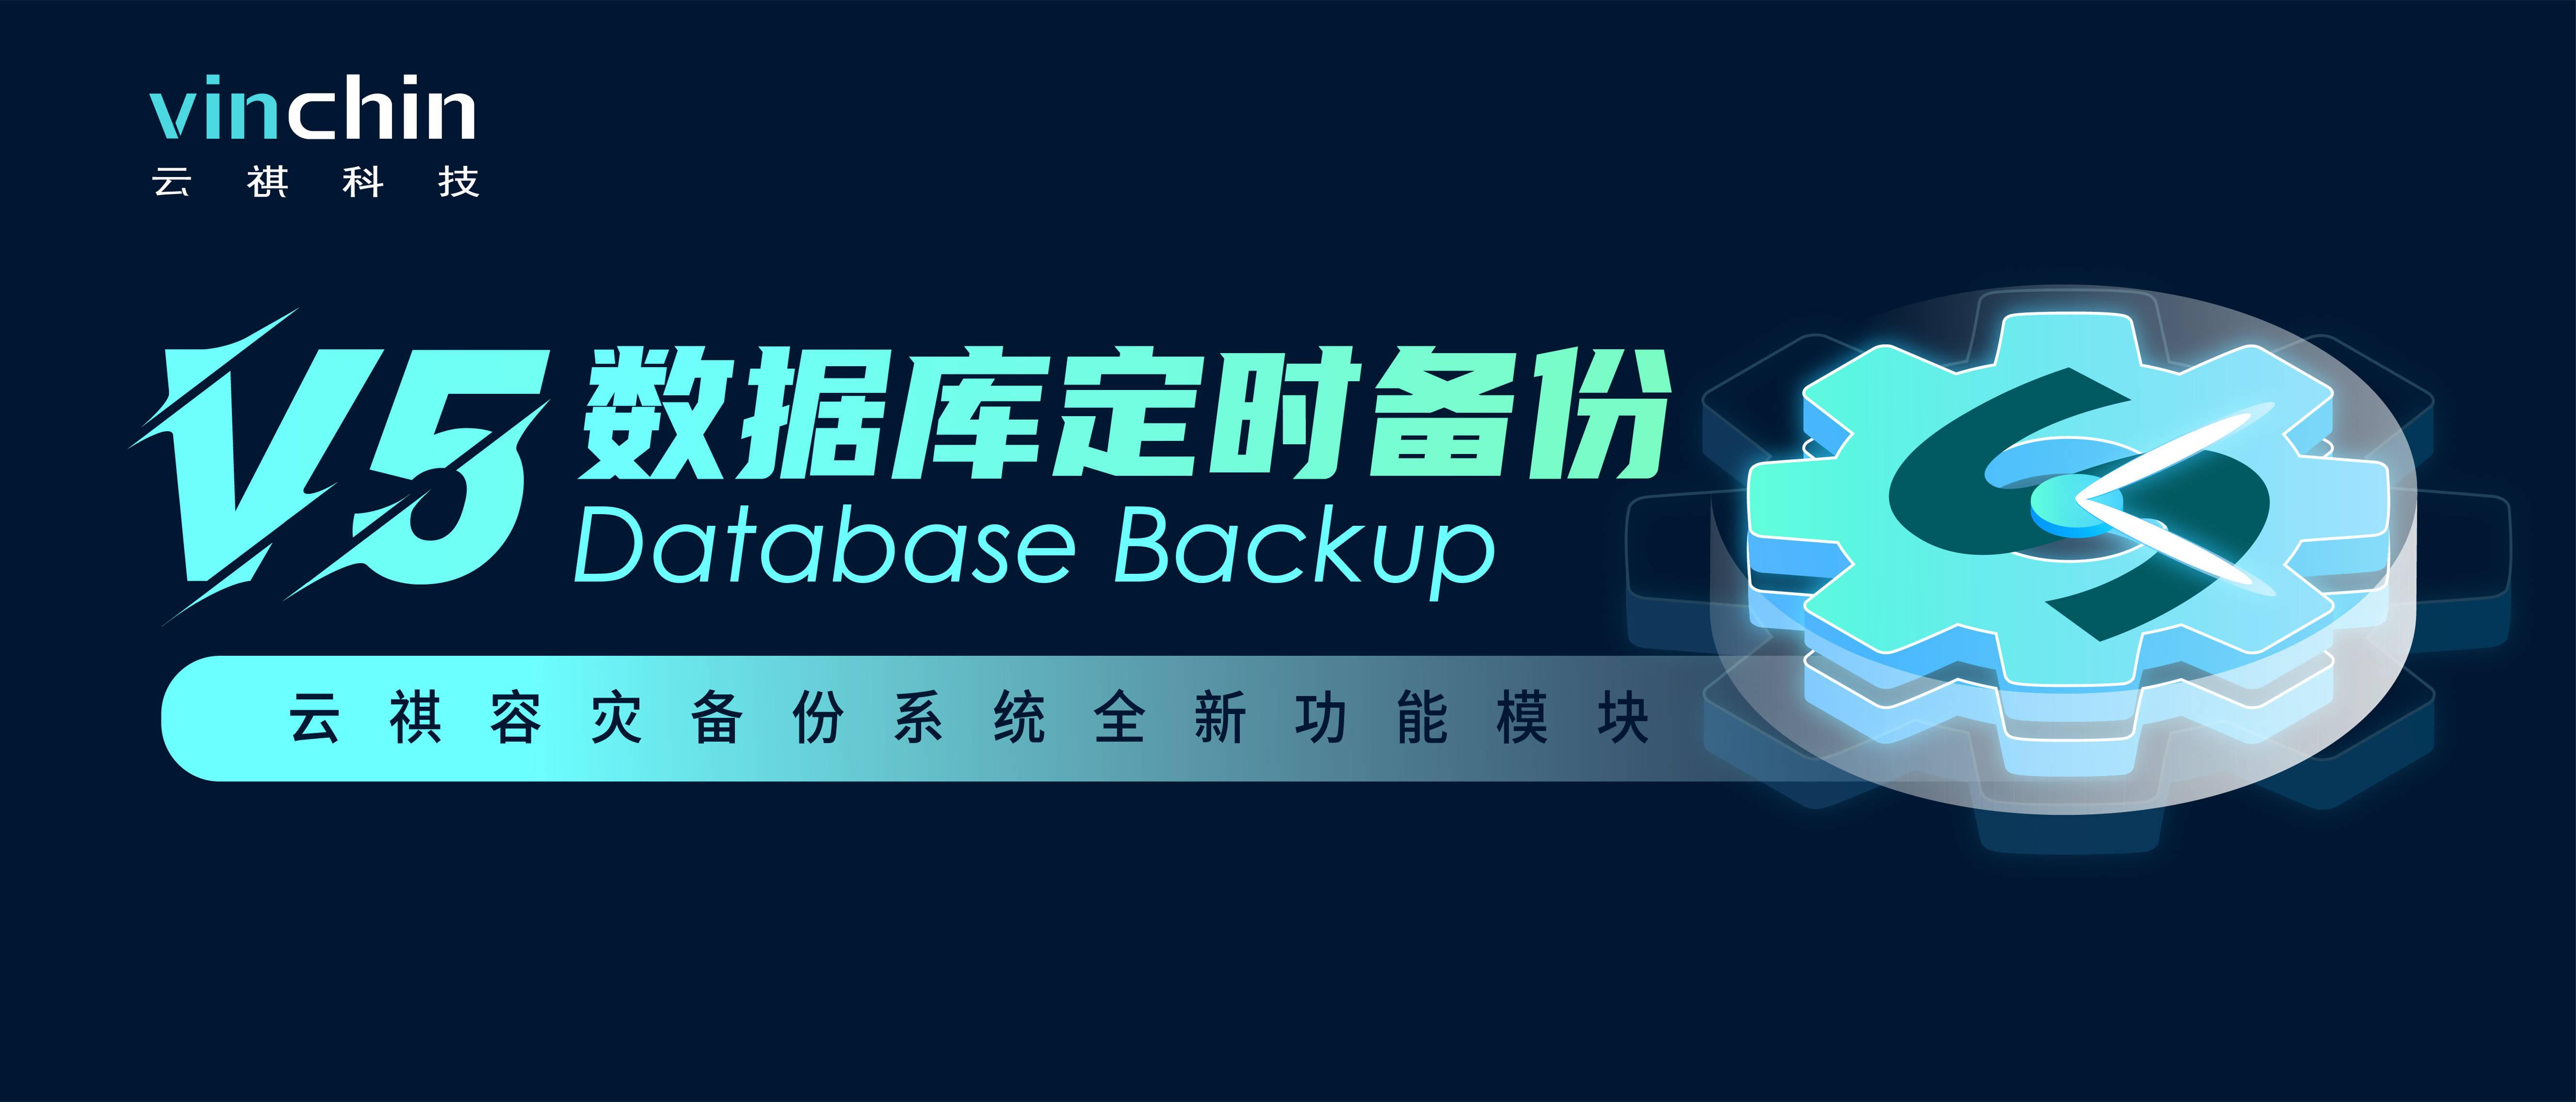 云起灾难恢复备份系统5.0版新产品的数据